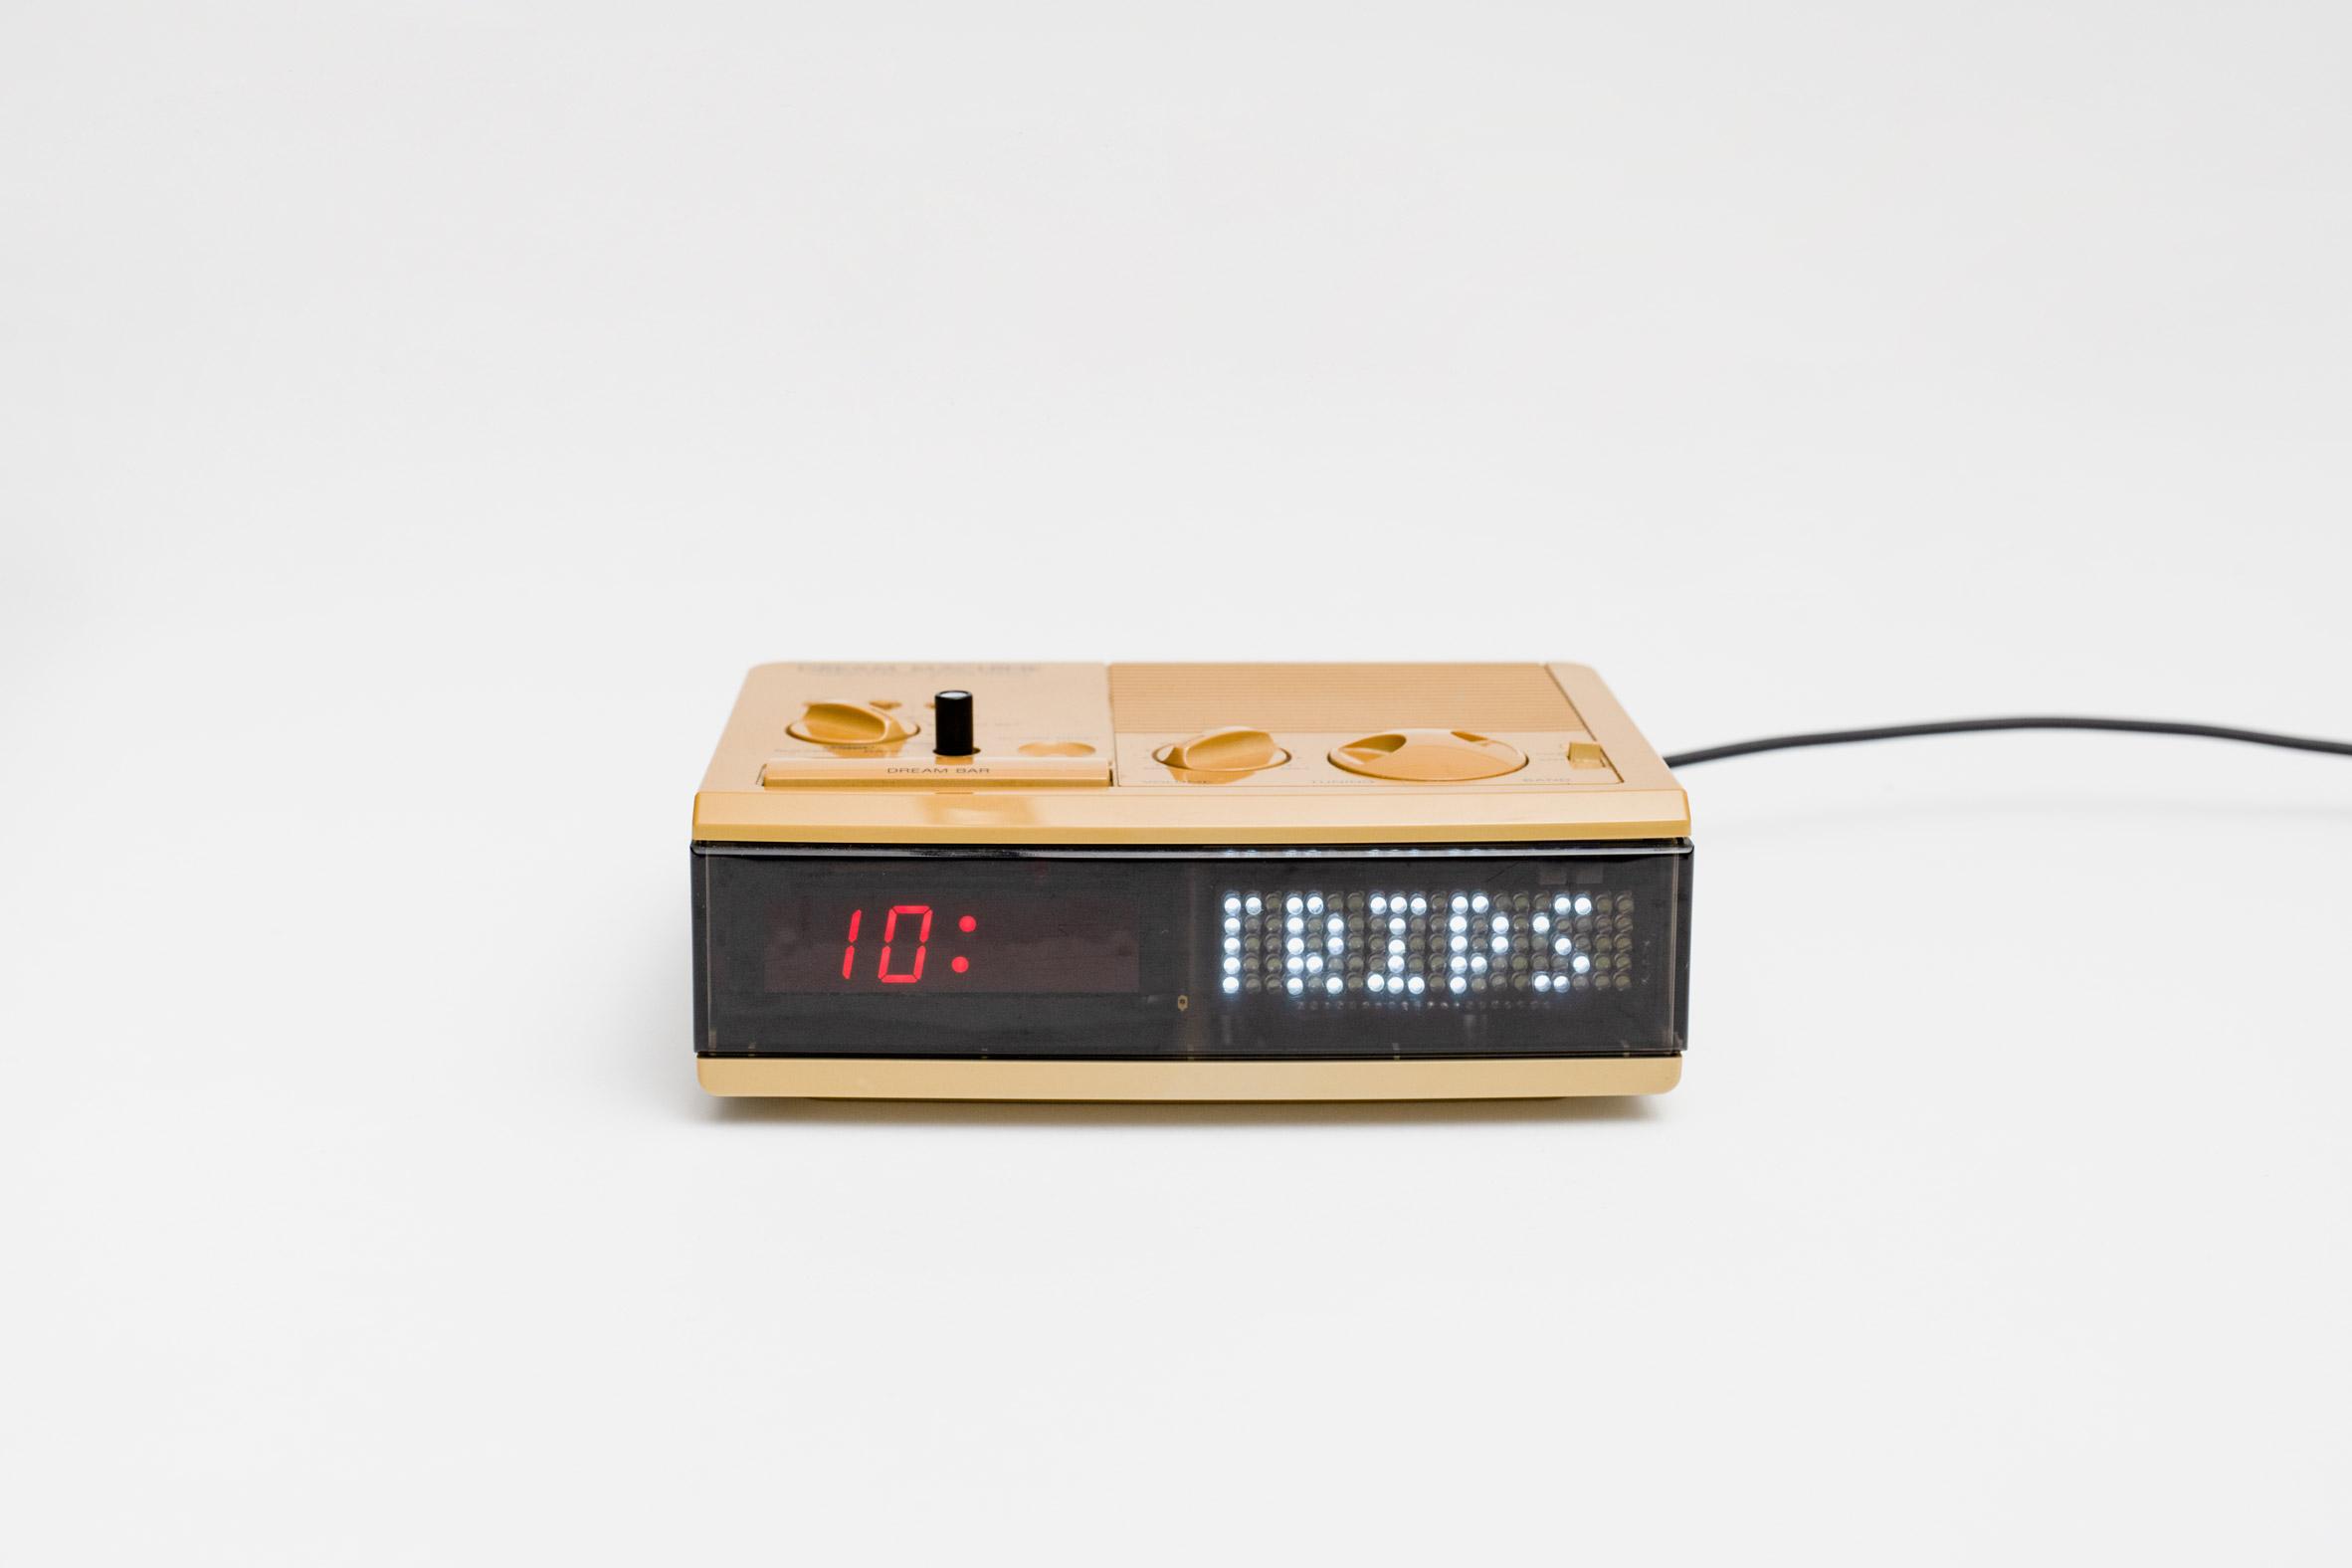 Repaired clock radio at R for Repair exhibition in Singapore